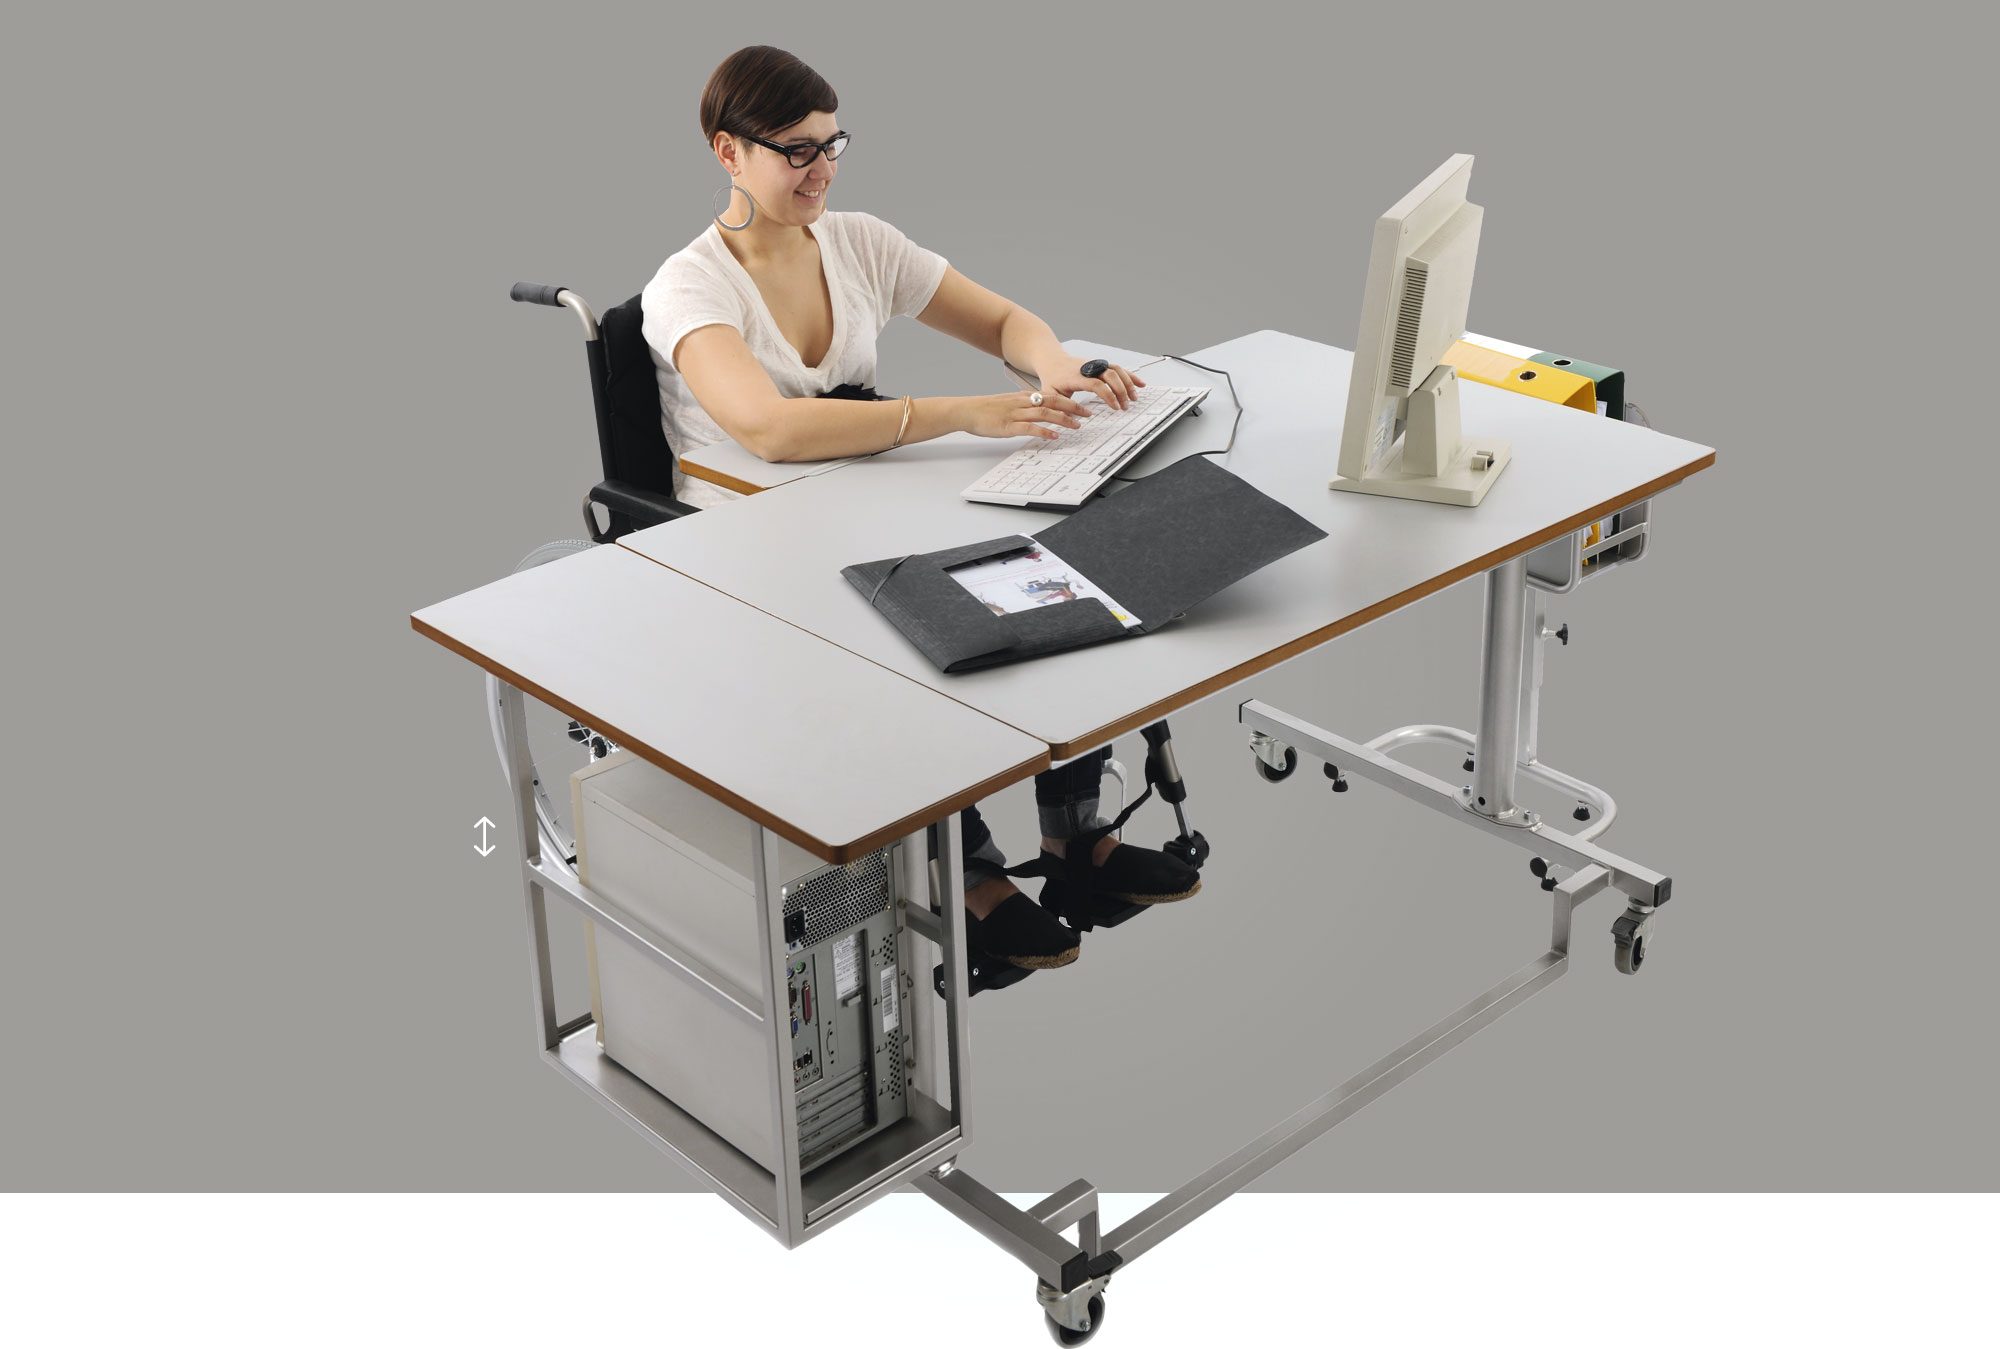 Hephaïstos mobilier ergonomique Bureau Apollon table individuelle